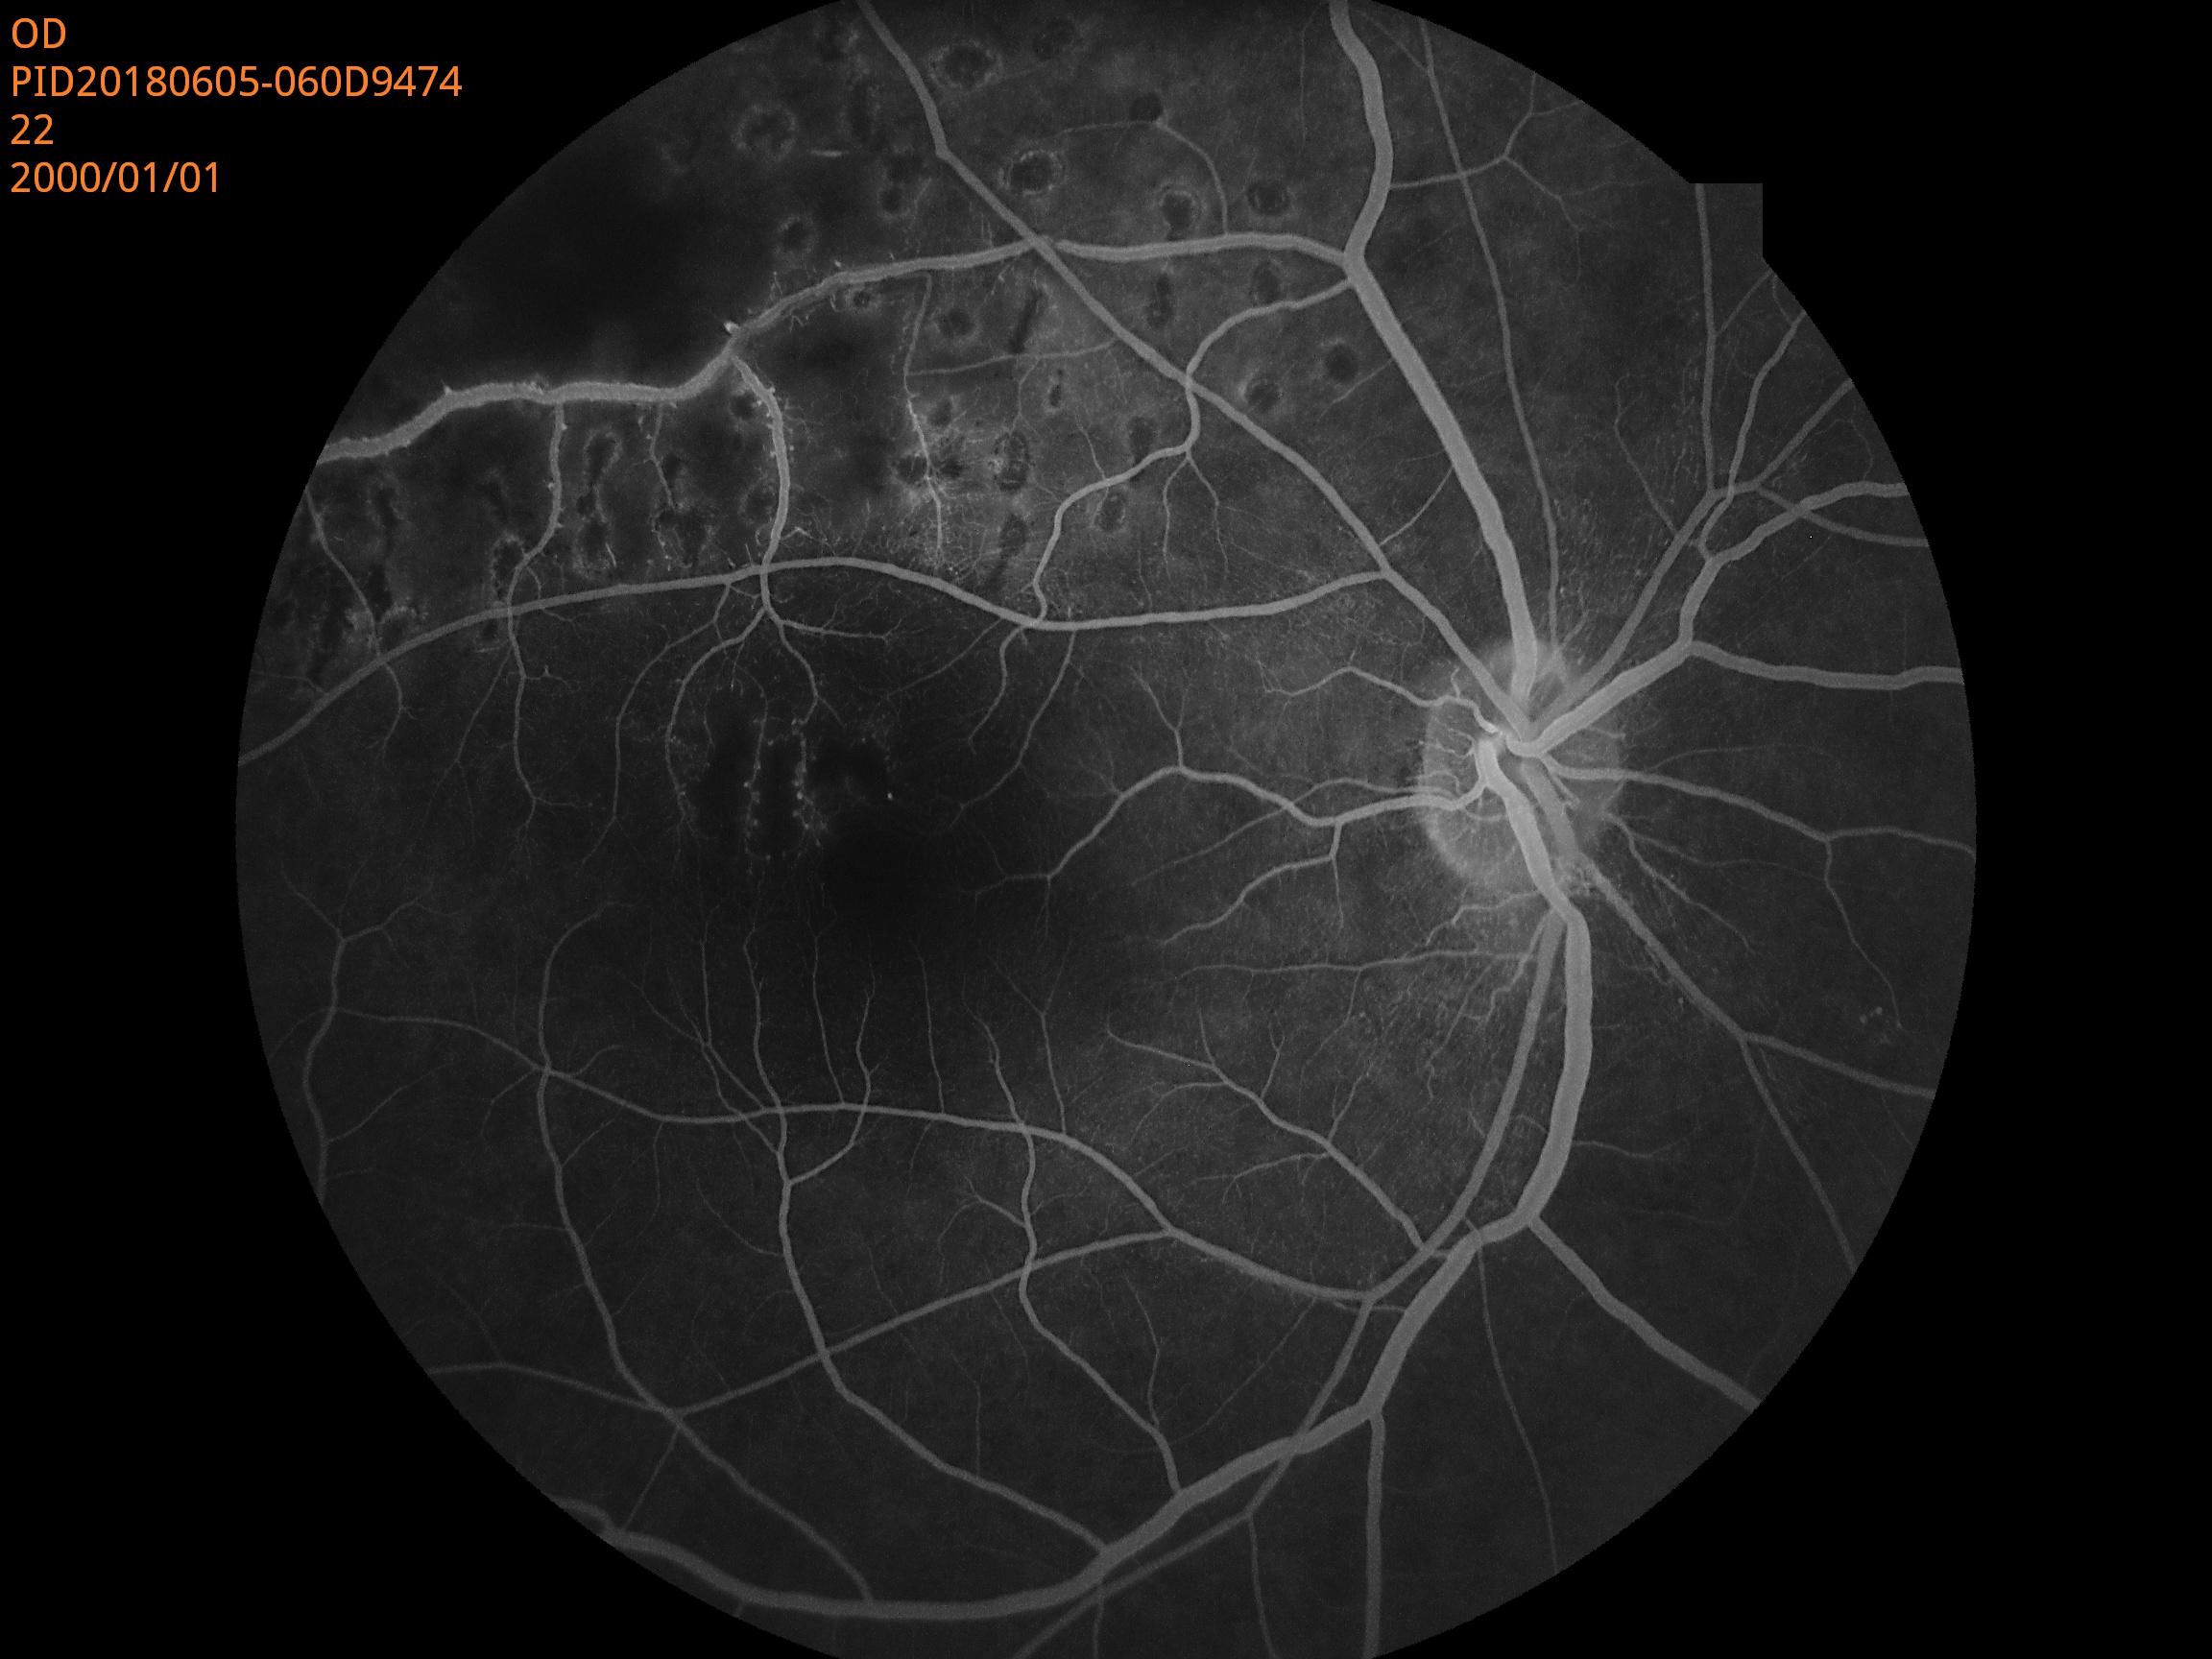 Ophthalmic Auto Digital Non-mydriatic Eye Fundus Camera With FFA